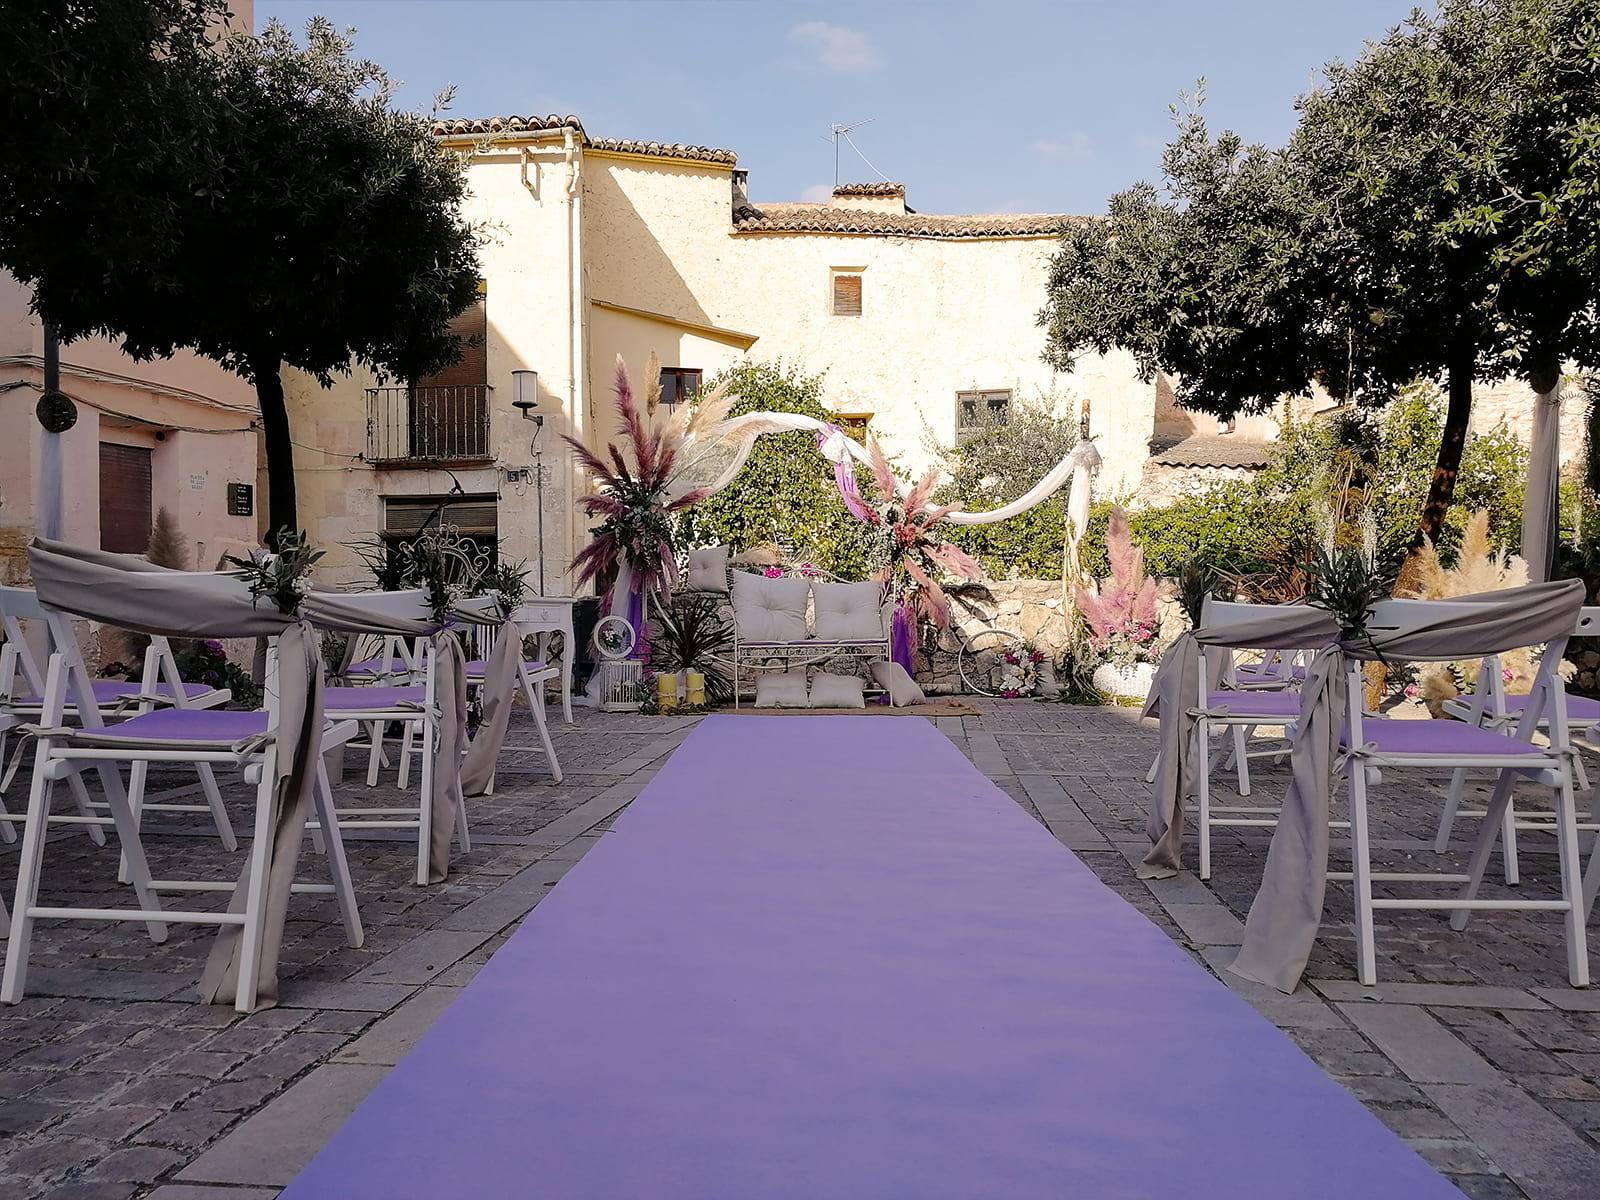 boda-civil-tonos-morados-MJ-06_HIDROJARDIN-Bañeres